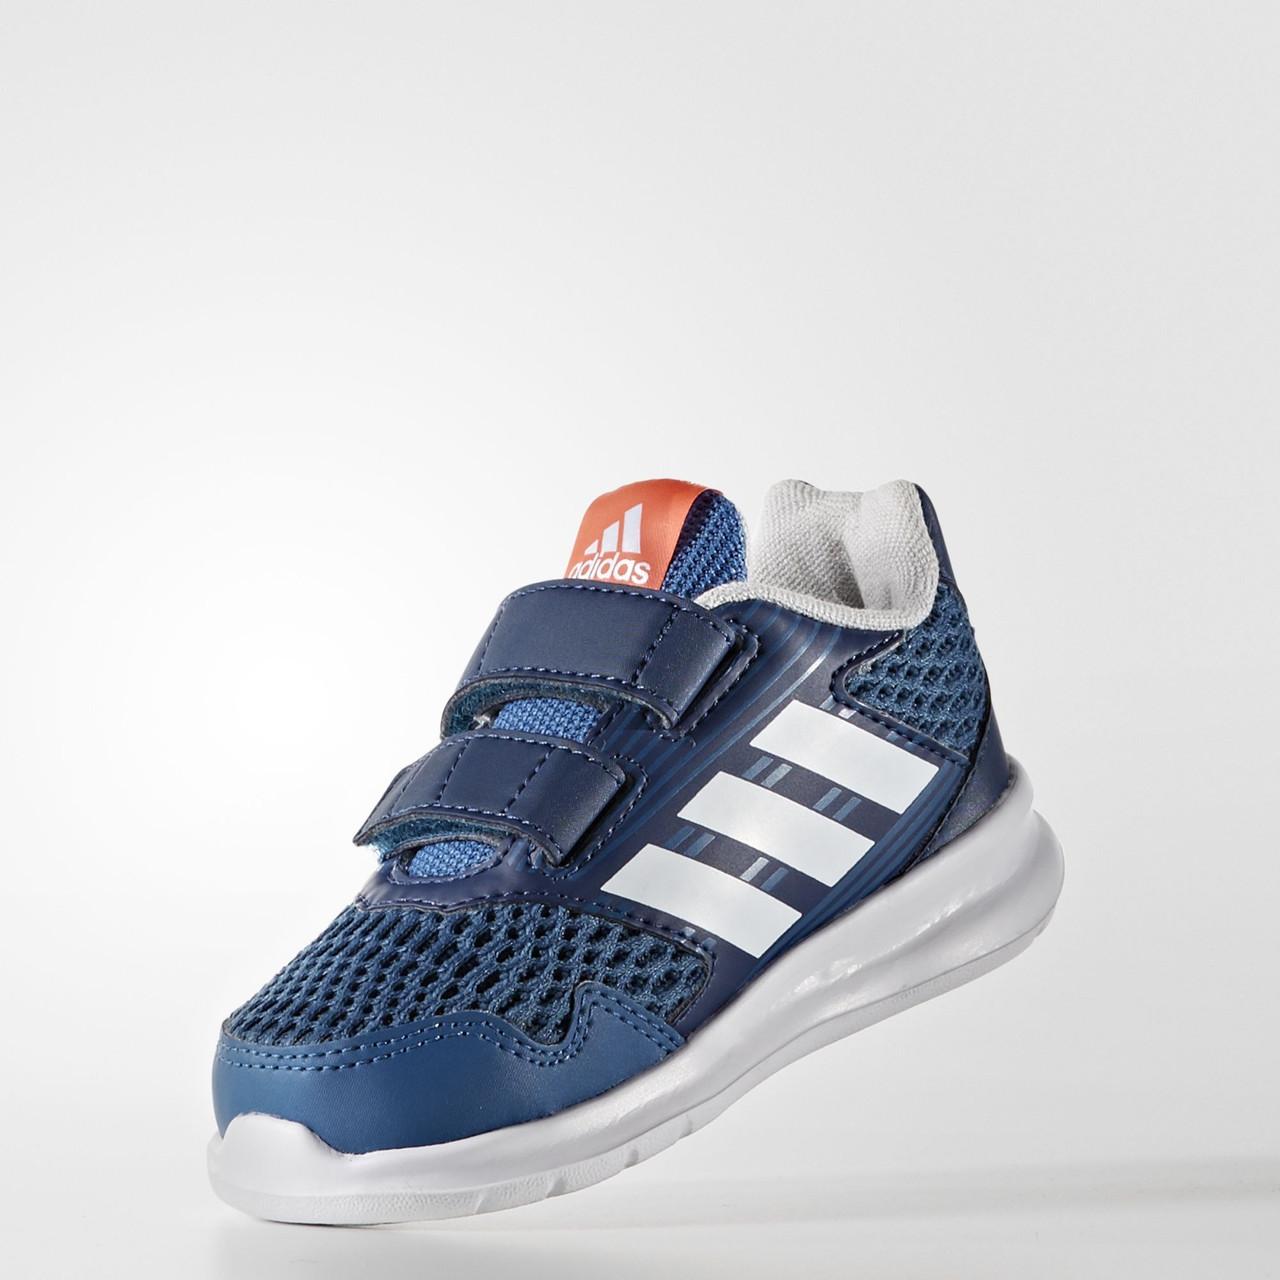 Детские кроссовки Adidas Performance Altarun (Артикул  BY9241) - Адидас  официальный интернет - магазин d9b54421ed381